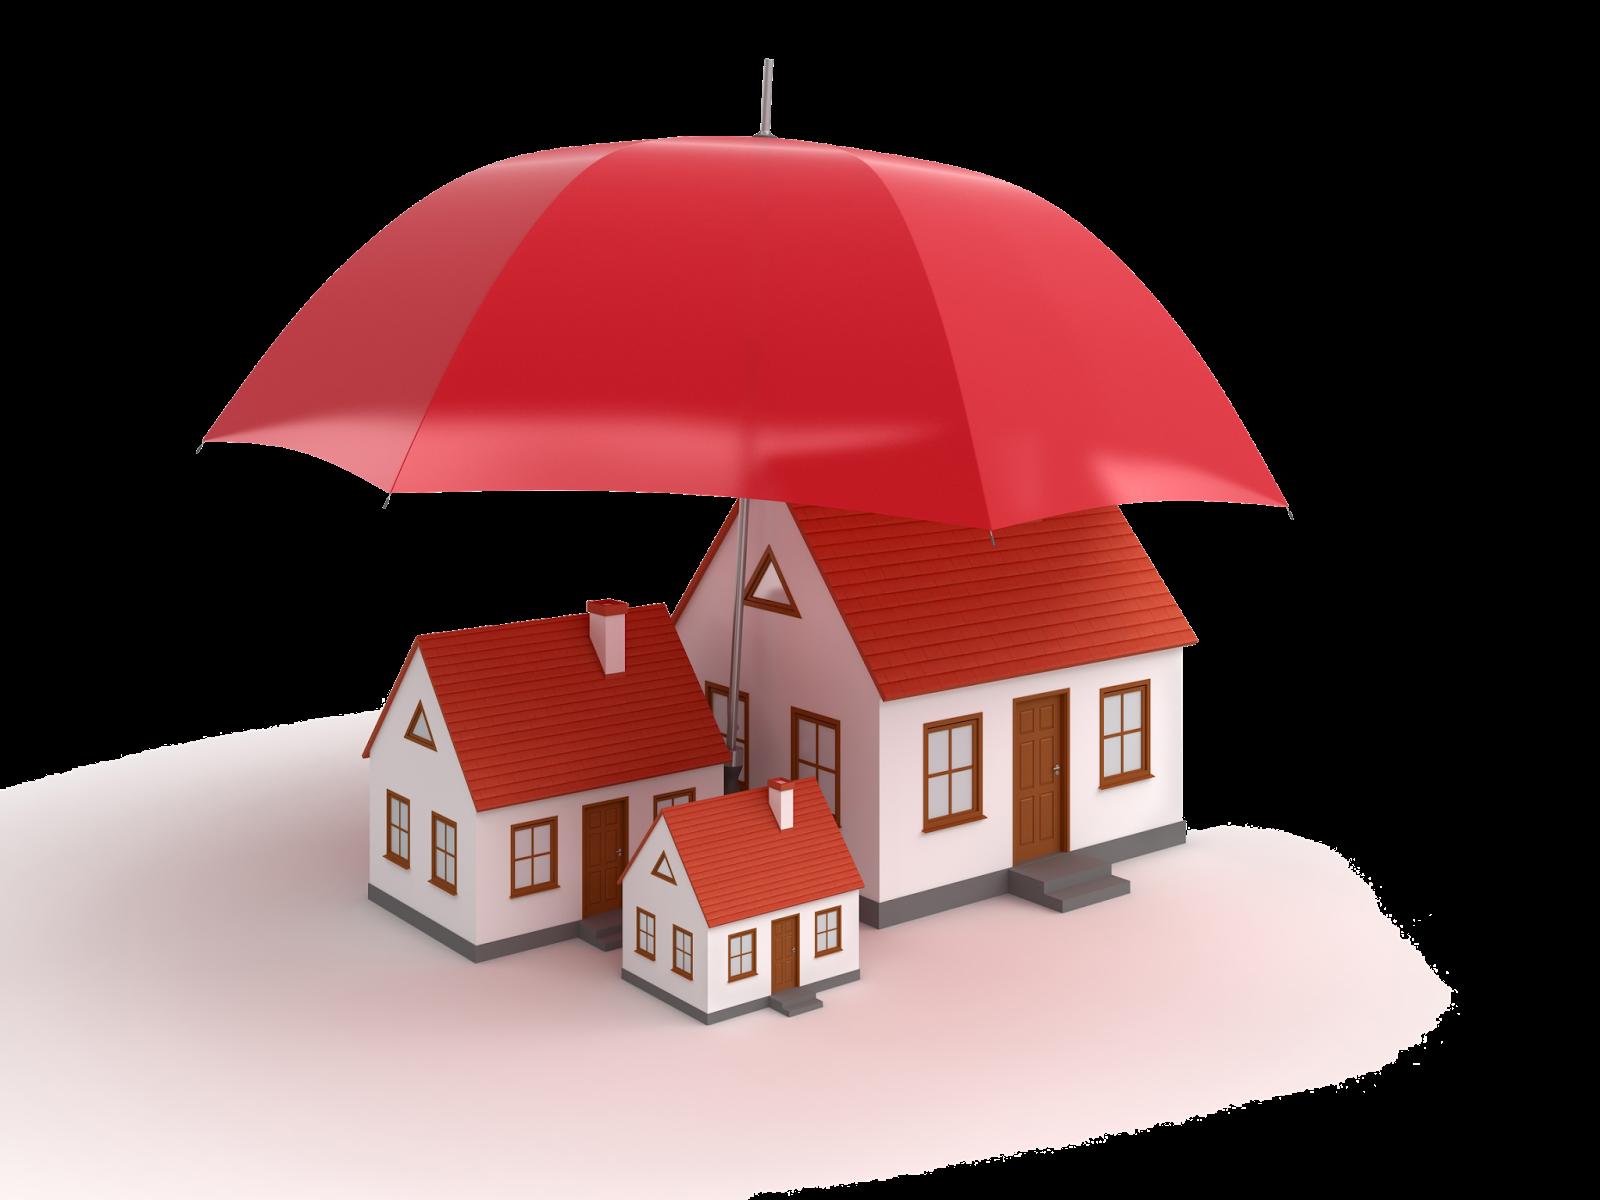 Inilah Manfaat Memiliki Asuransi Tempat Tinggal